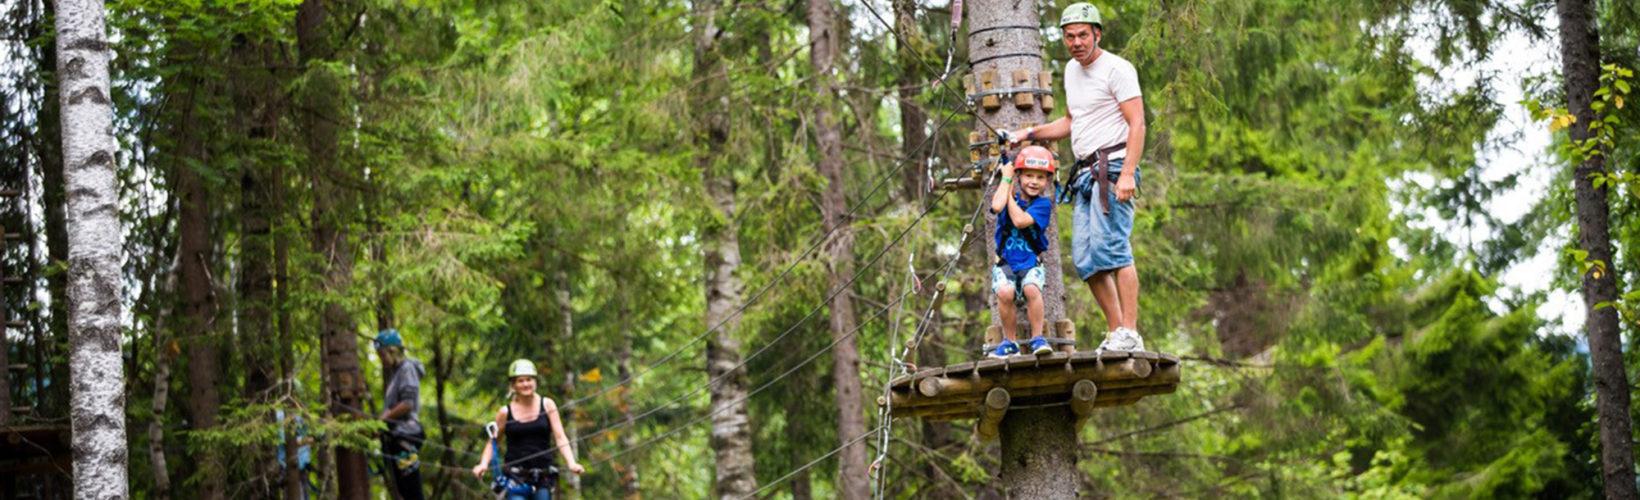 Högt & lågt adventure park